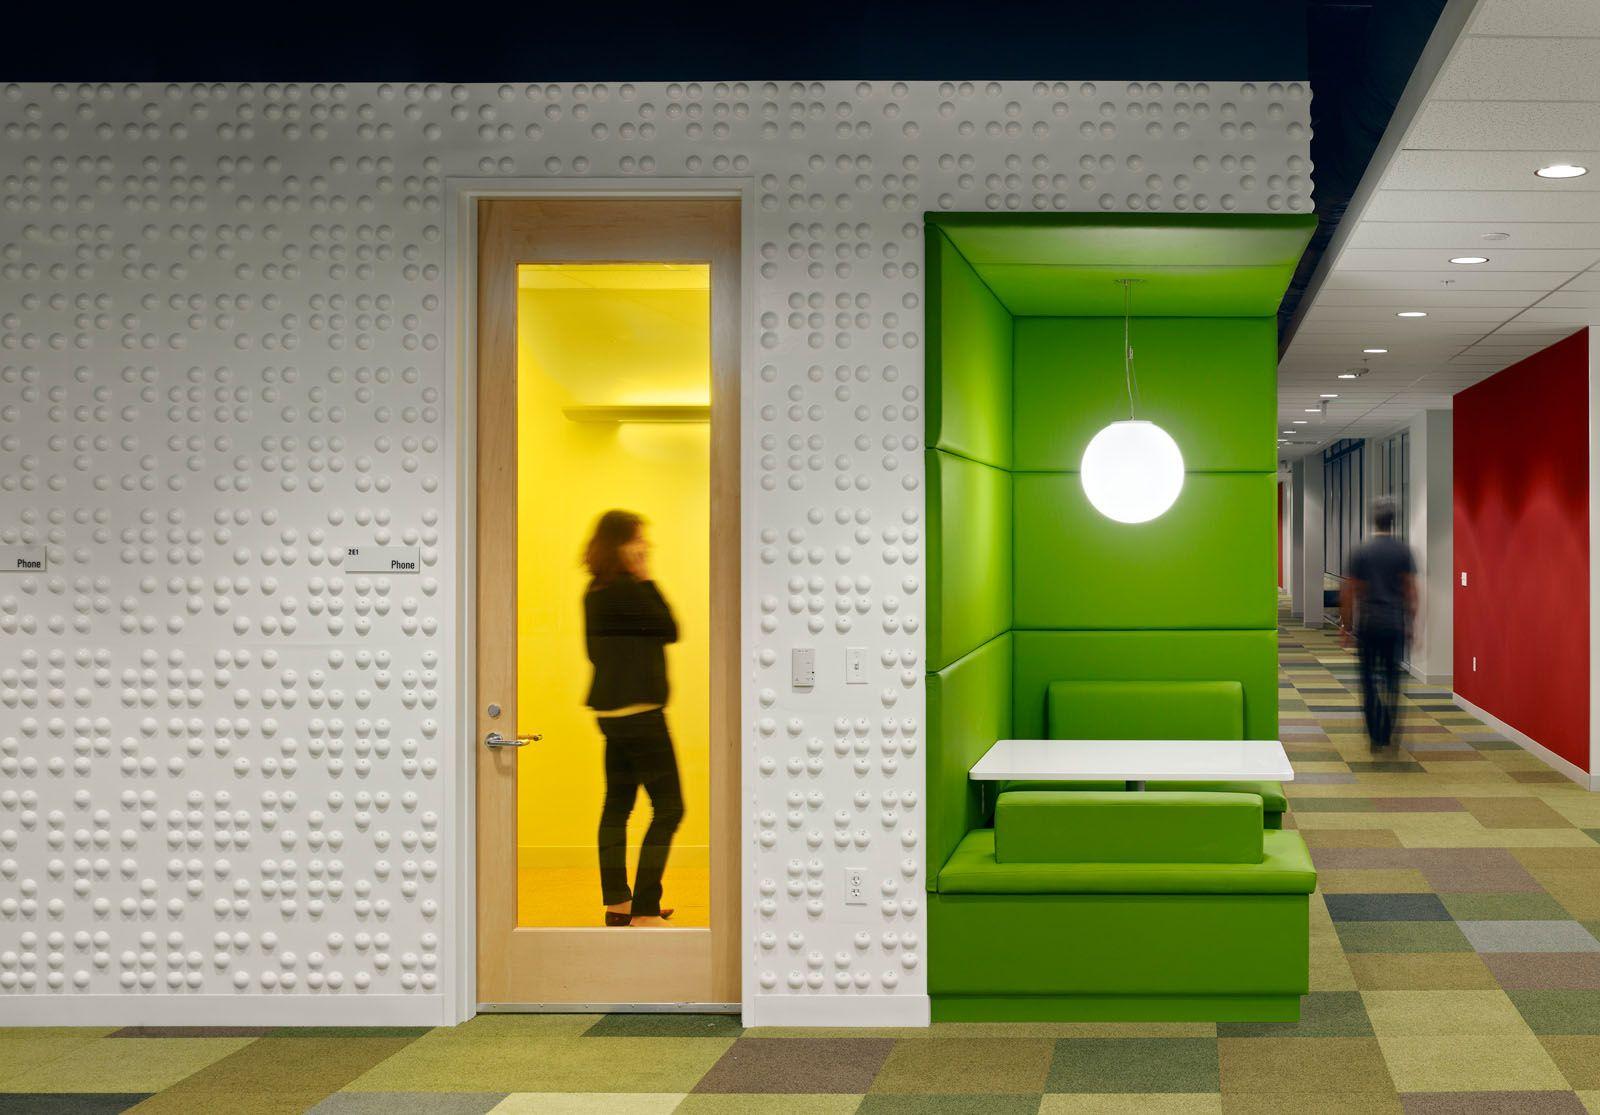 Interior Design Ideas For Workplace #homedecor #homedecorideas